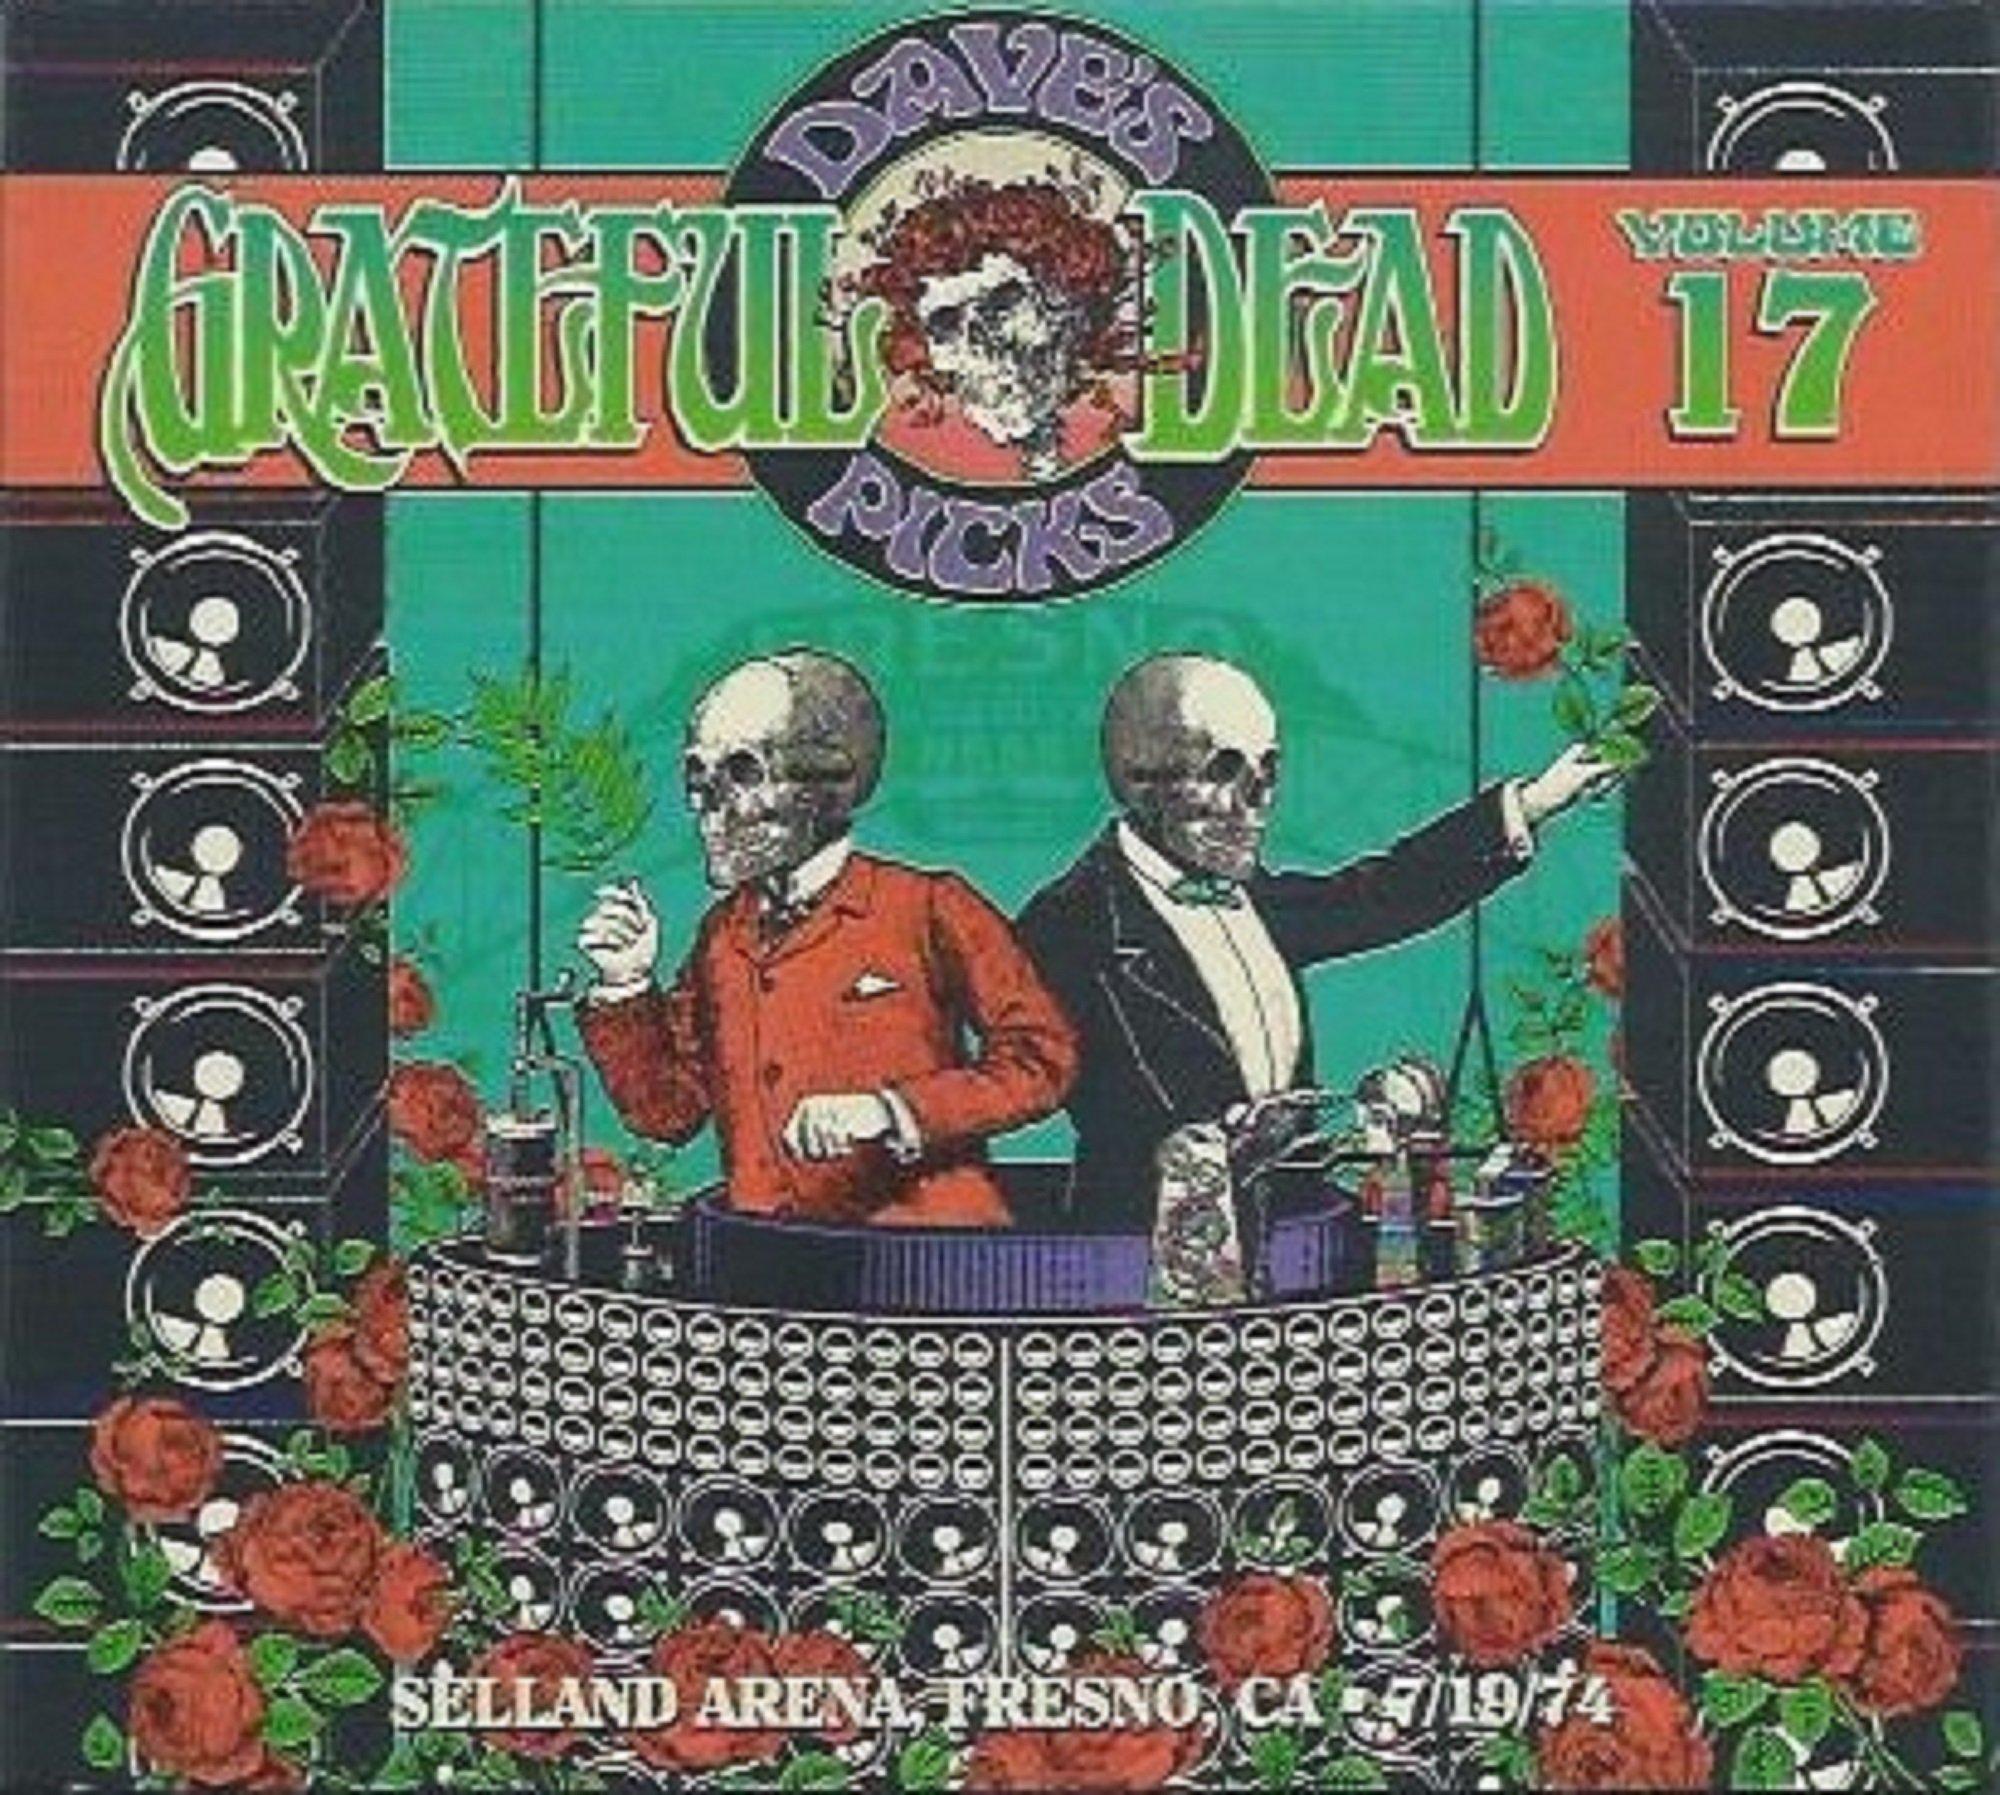 Grateful Dead Dave's Picks Vol. 17 Selland Arena, Fresno, CA 7/19/1974